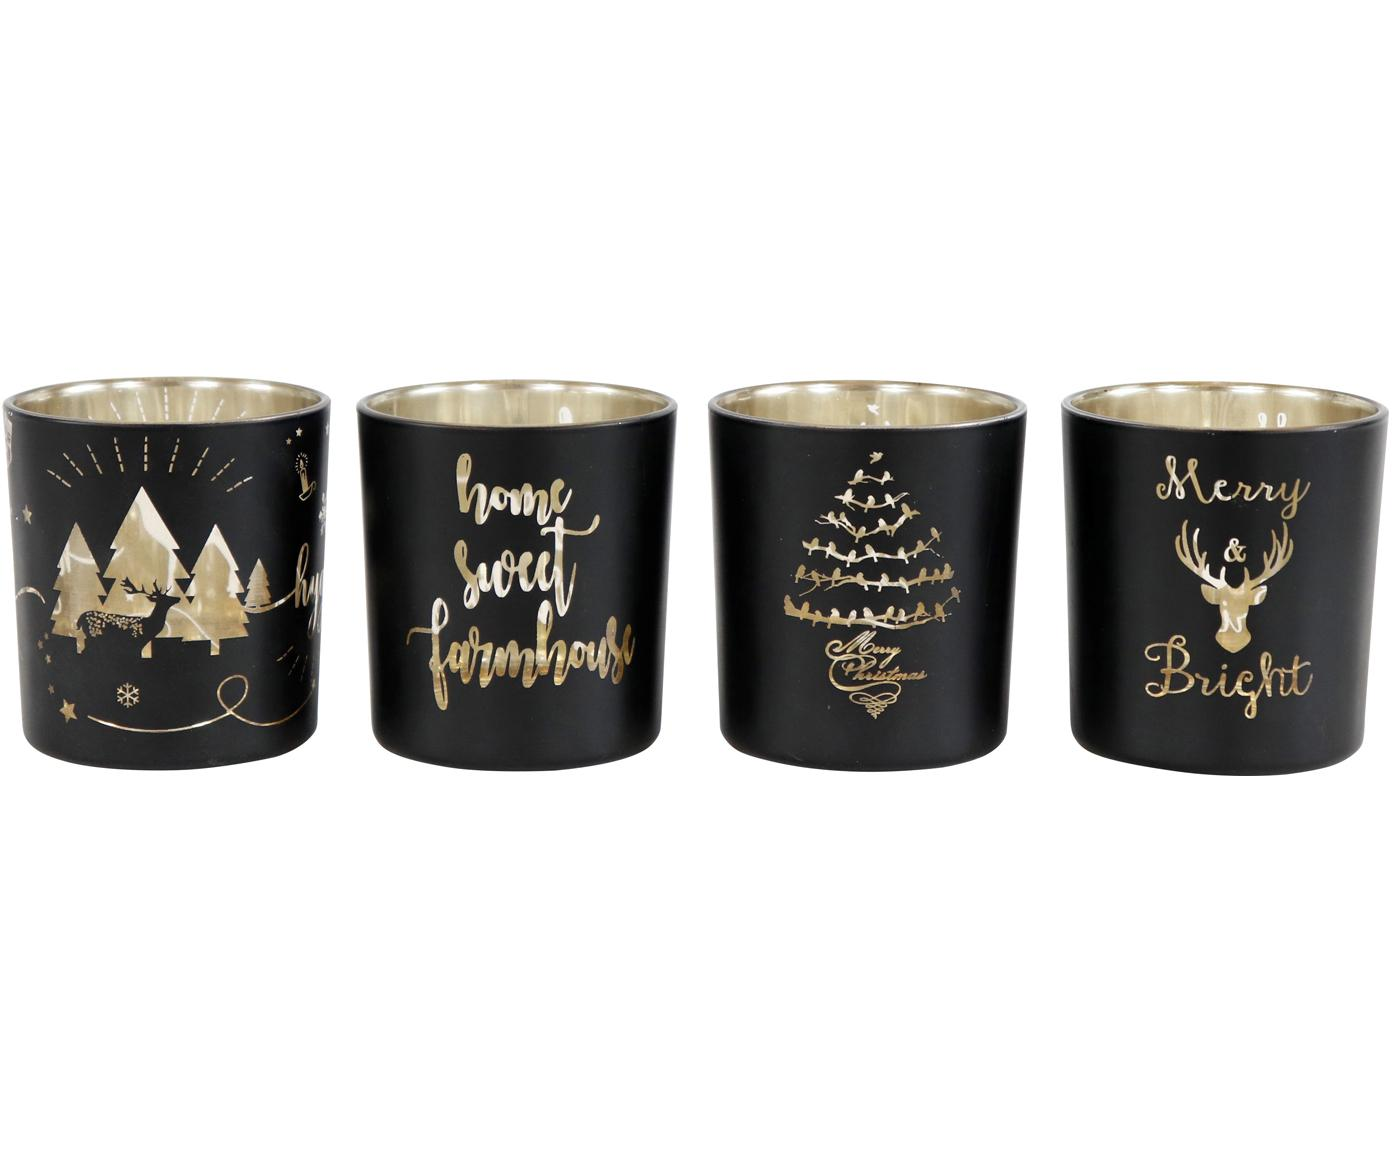 Windlichtenset Merry&Bright, 4-delig, Glas, Zwart, goudkleurig, Ø 7 x H 8 cm